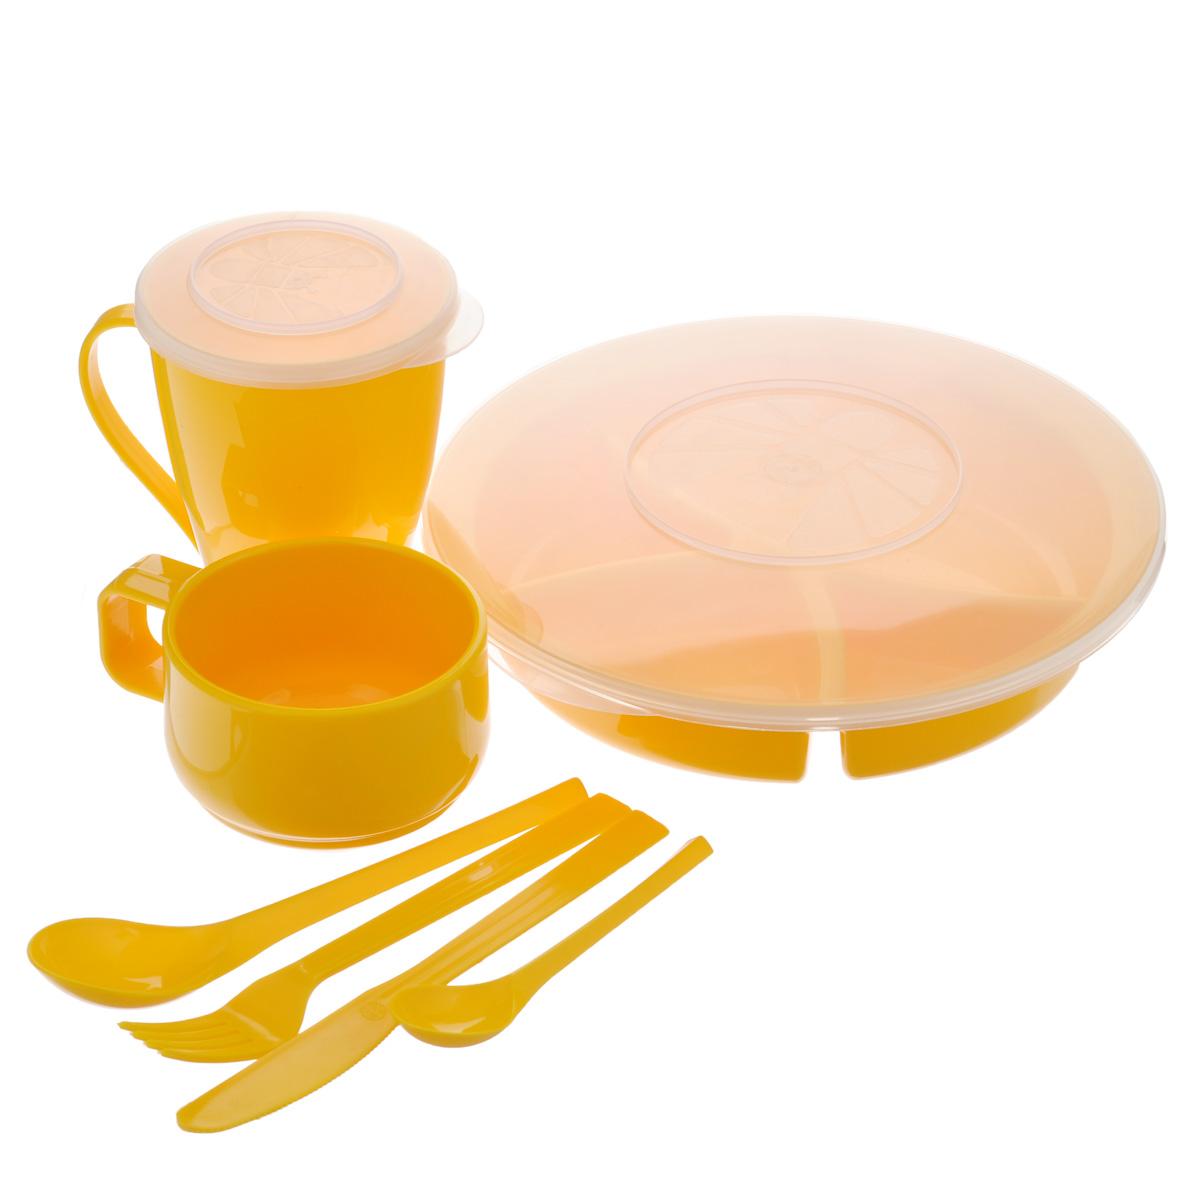 Набор посуды Solaris Вахтовый метод, цвет: желтый, на 1 персонуS1102Компактный набор посуды Solaris Вахтовый метод, выполненный из качественного полипропилена, в удобной виниловой сумке с ручкой и молнией. Свойства посуды: Посуда из ударопрочного пищевого полипропилена предназначена для многократного использования. Легкая, прочная и износостойкая, экологически чистая, эта посуда работает в диапазоне температур от -25°С до +110°С. Можно мыть в посудомоечной машине. Эта посуда также обеспечивает: Хранение горячих и холодных пищевых продуктов; Разогрев продуктов в микроволновой печи; Приготовление пищи в микроволновой печи на пару (пароварка); Хранение продуктов в холодильной и морозильной камере; Кипячение воды с помощью электрокипятильника. Состав набора: Менажница с герметичной крышкой; Чашка для супа с герметичной крышкой, объем 0,5 л; Чашка объемом 0,28 л; Вилка; Ложка столовая; Нож; Ложка чайная. Диаметр менажницы: 22,5 см. Высота менажницы: 5...